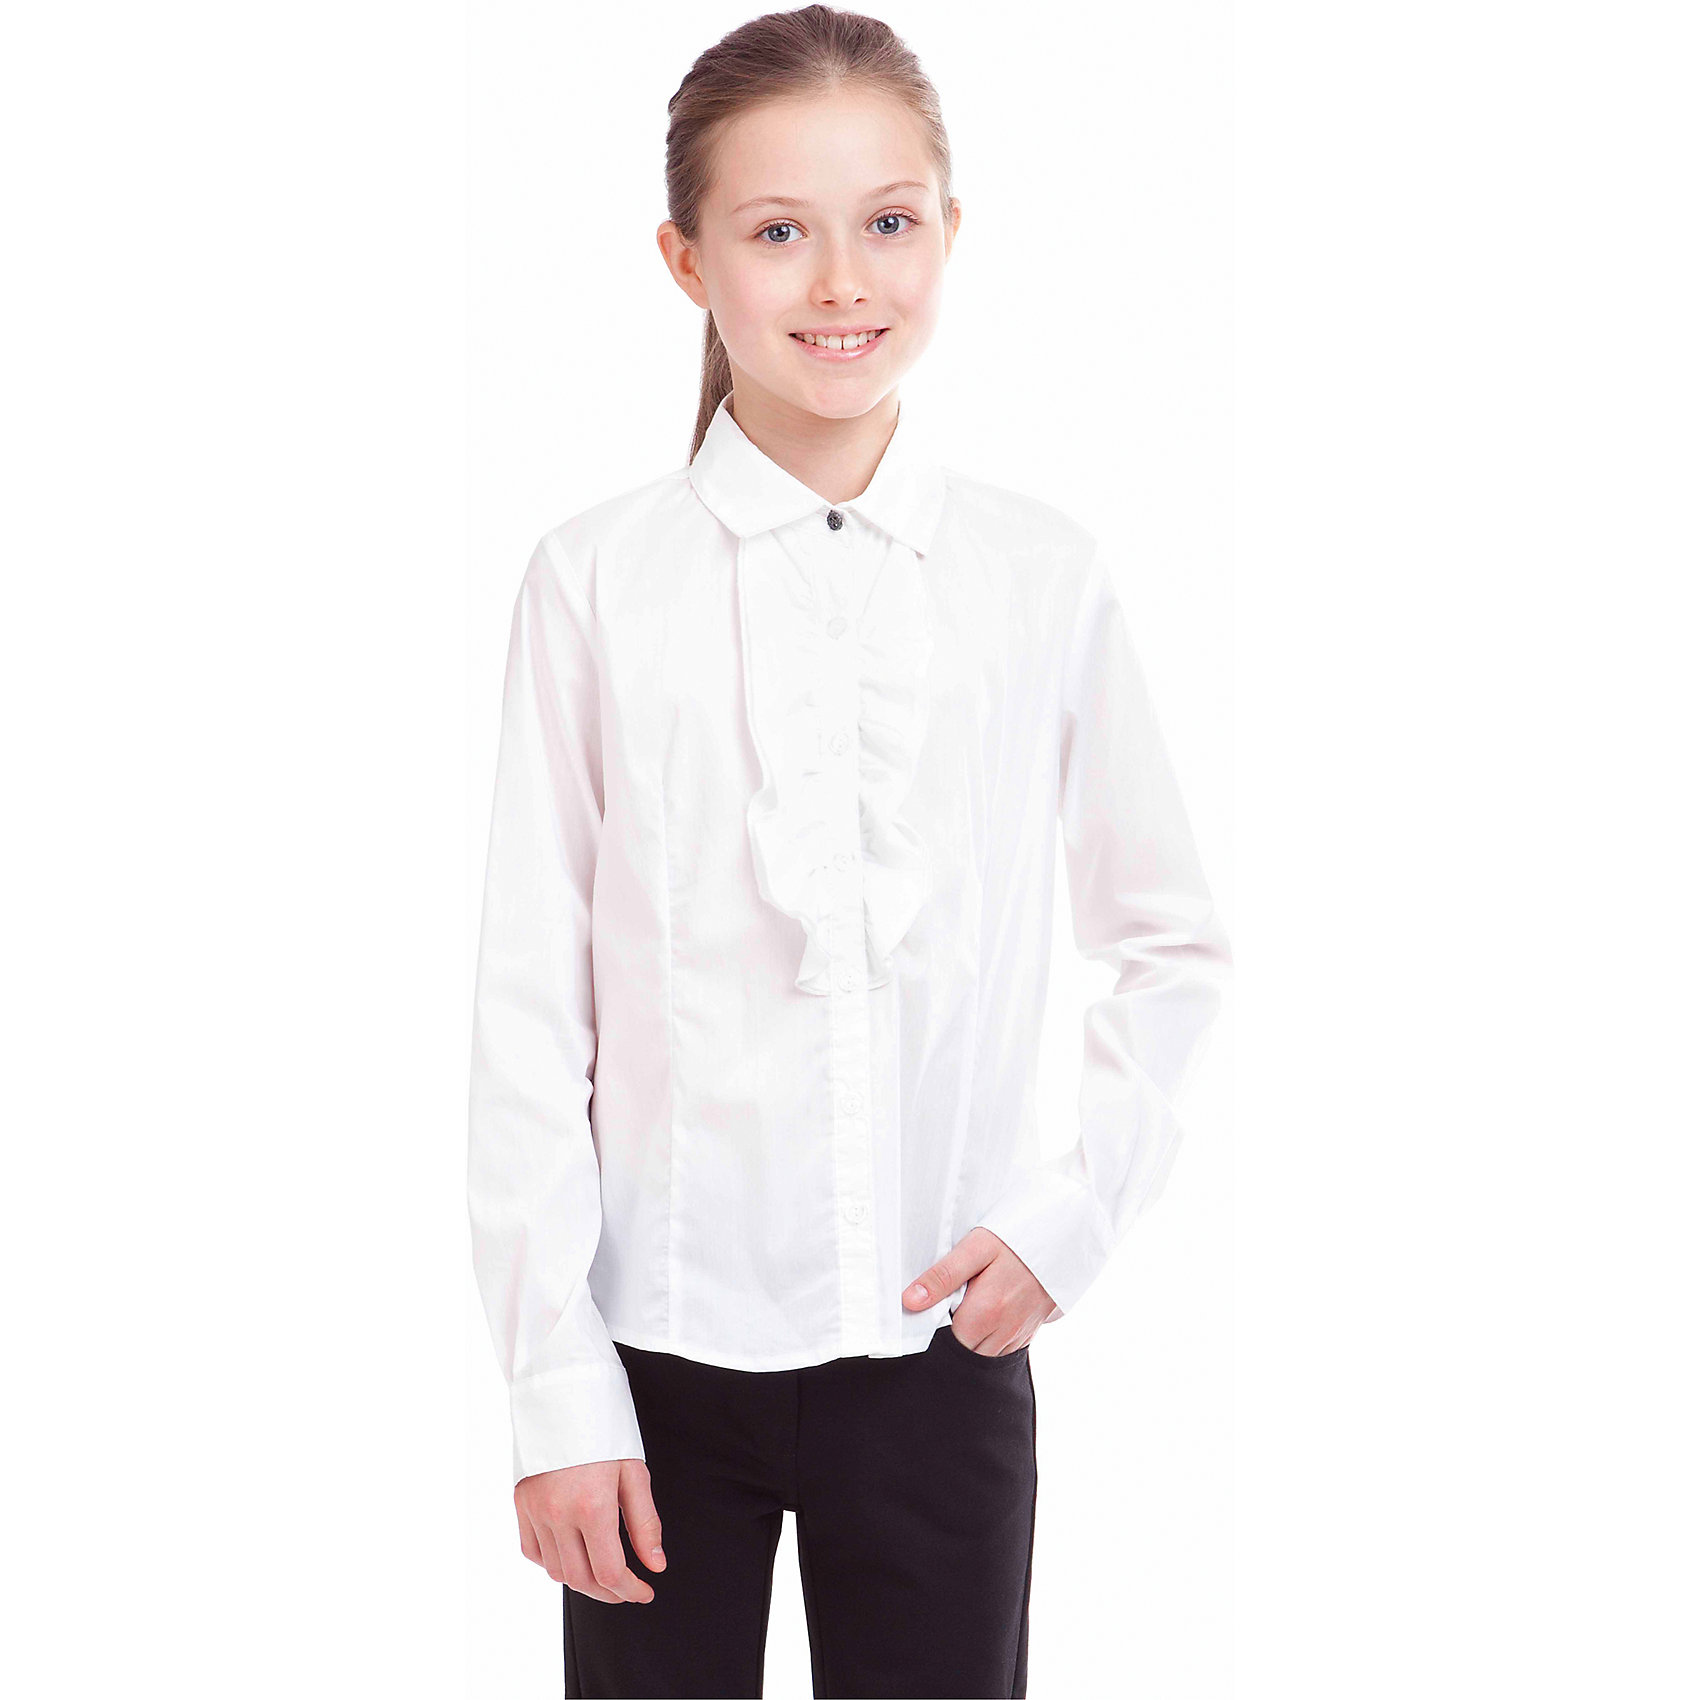 Блузка для девочки GulliverБлузки и рубашки<br>Блузка для девочки от российской марки Gulliver.<br>Великолепная белая блузка с массивной рюшей, дополненной кружевом - прекрасный вариант для торжественных мероприятий. В составе ткани значительное содержание хлопка. Полиэстер и эластан играют роль смягчающего волокна и гарантируют комфортную посадку блузки на фигуре.<br>Состав:<br>63%хлопок, 35%нейлон, 2%эластан<br><br>Ширина мм: 186<br>Глубина мм: 87<br>Высота мм: 198<br>Вес г: 197<br>Цвет: белый<br>Возраст от месяцев: 144<br>Возраст до месяцев: 156<br>Пол: Женский<br>Возраст: Детский<br>Размер: 158,128,152,146,140,134,122<br>SKU: 4174736